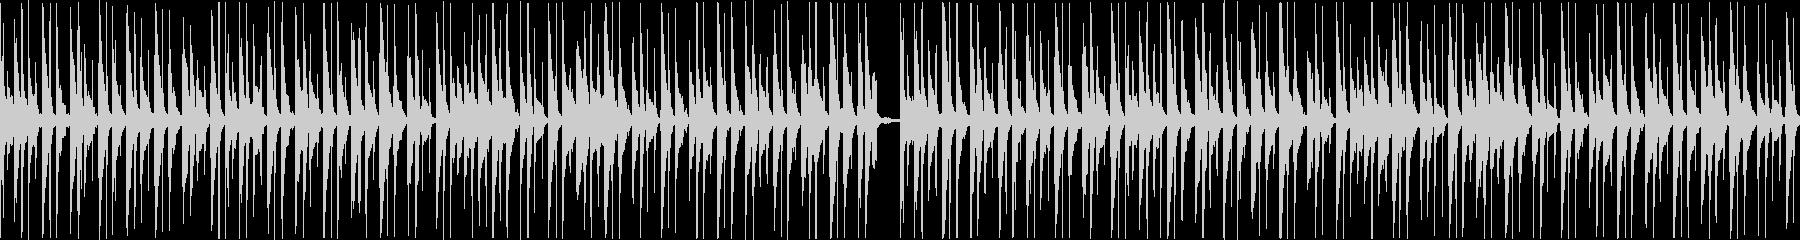 コミカルほのぼの日常系ループBGMの未再生の波形